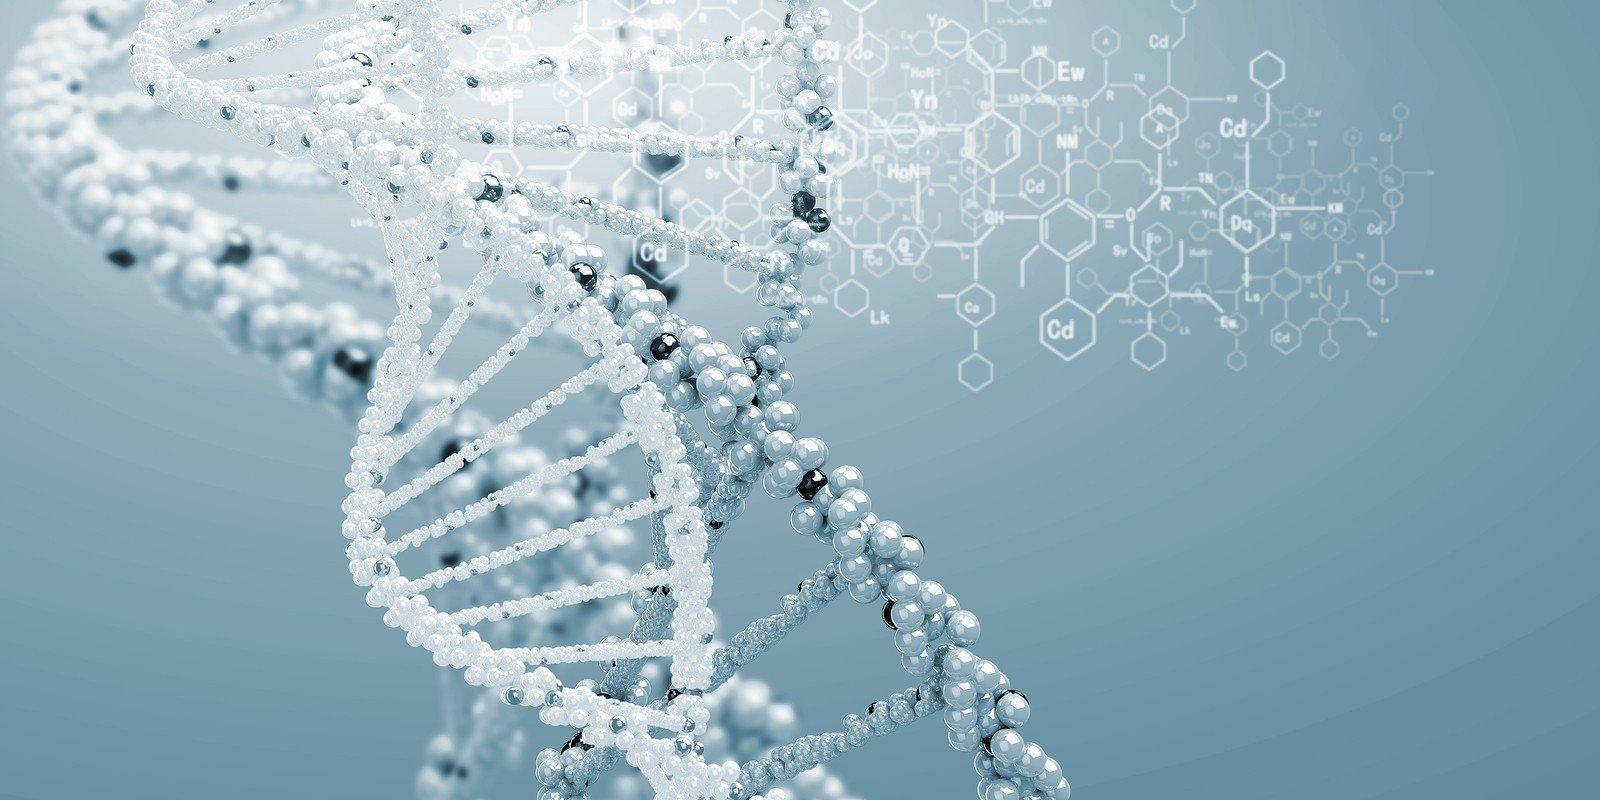 Ученые обнаружили следы еще одного вида людей вДНК неандертальцев